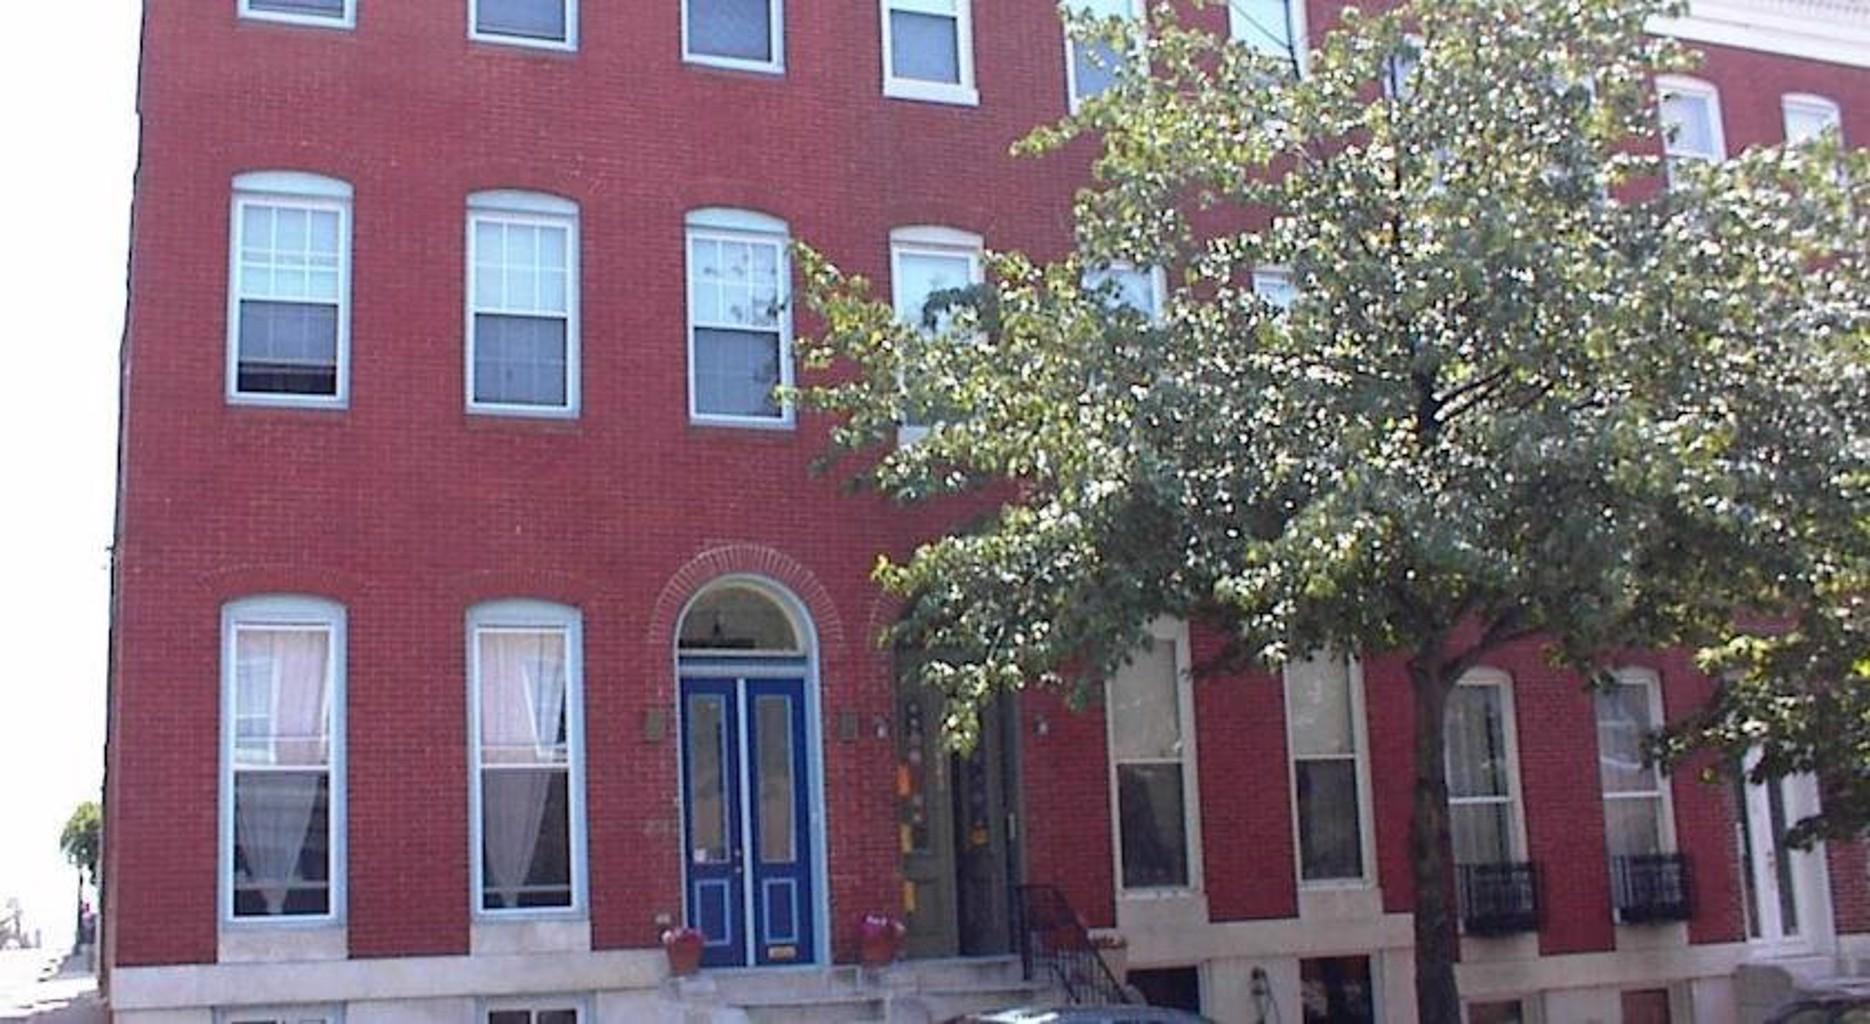 Blue Door on Baltimore